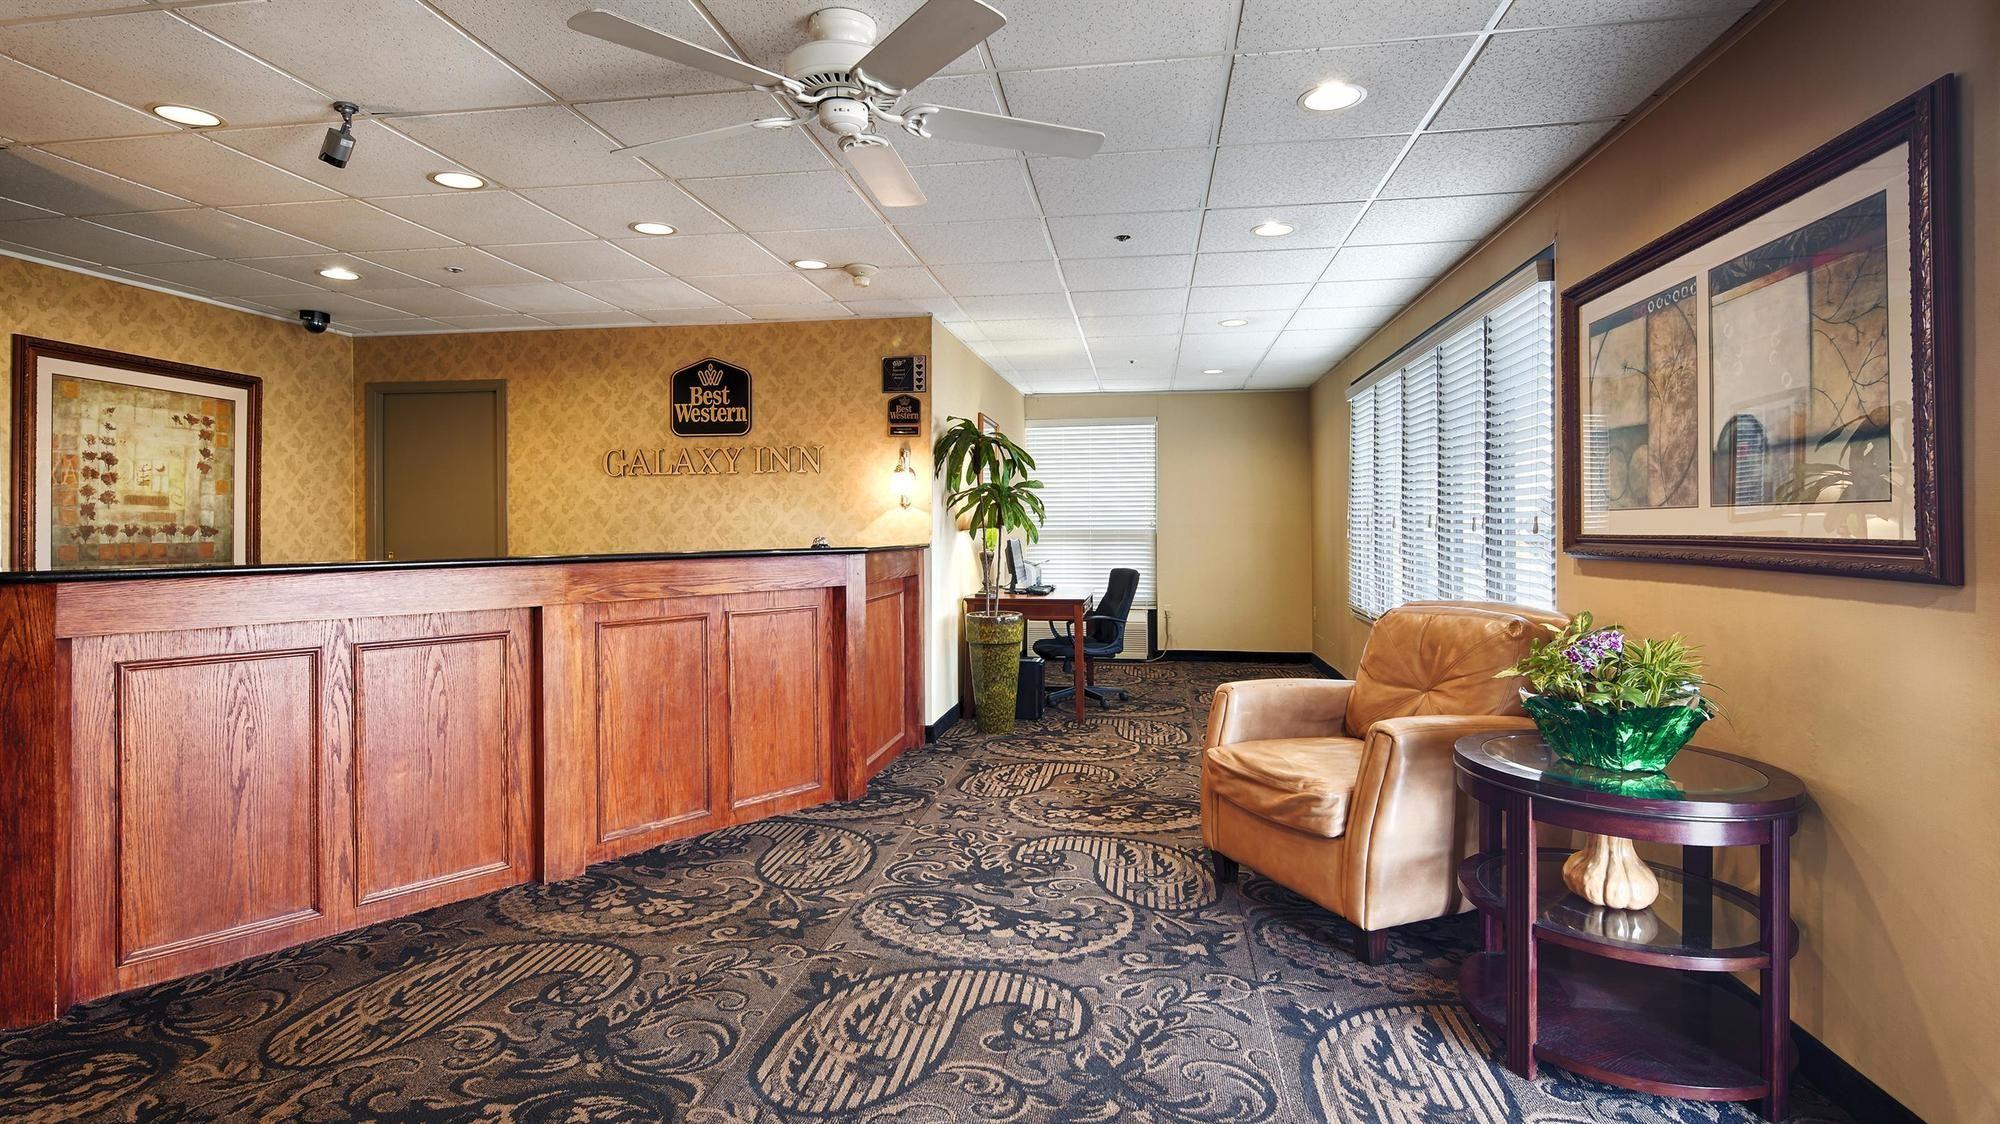 Best Western Galaxy Inn in Dover, DE